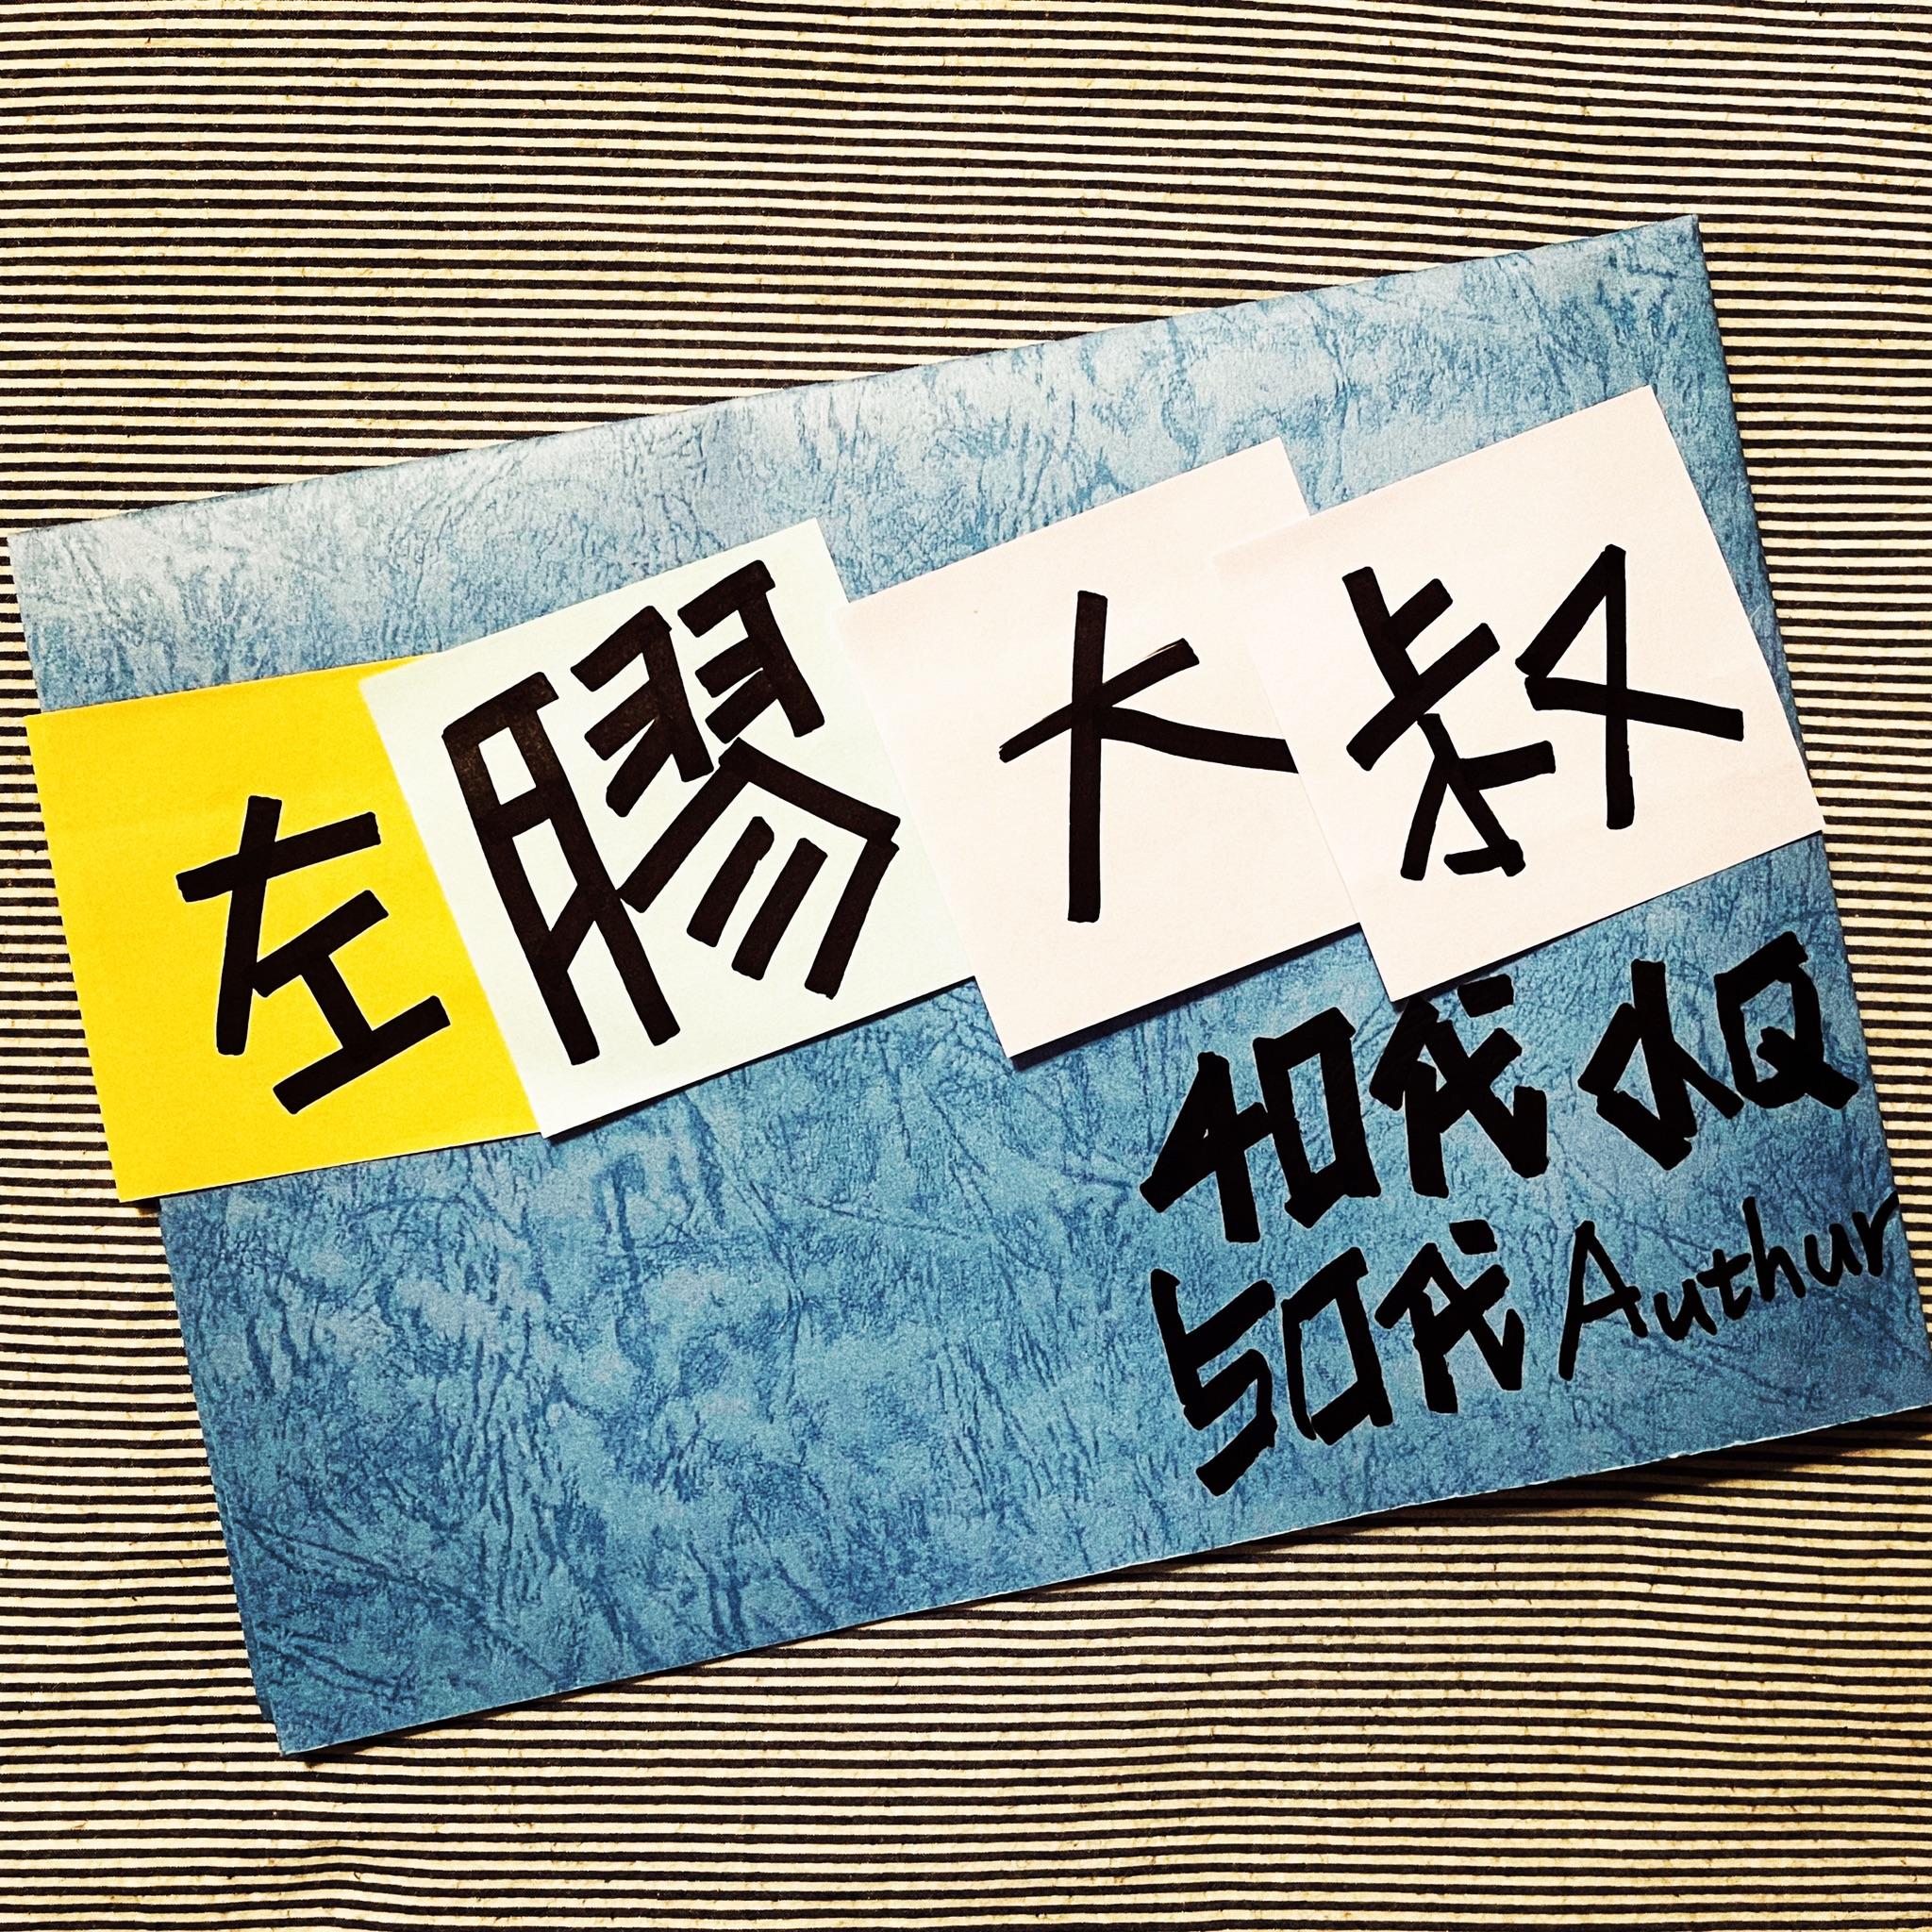 Ep.13-大叔看中國 ; 來兩碗最嗆辣的撒胡椒麵吧!聊中國搖滾大神崔健與萬能青年旅店,以及那些[被]脫貧的人們